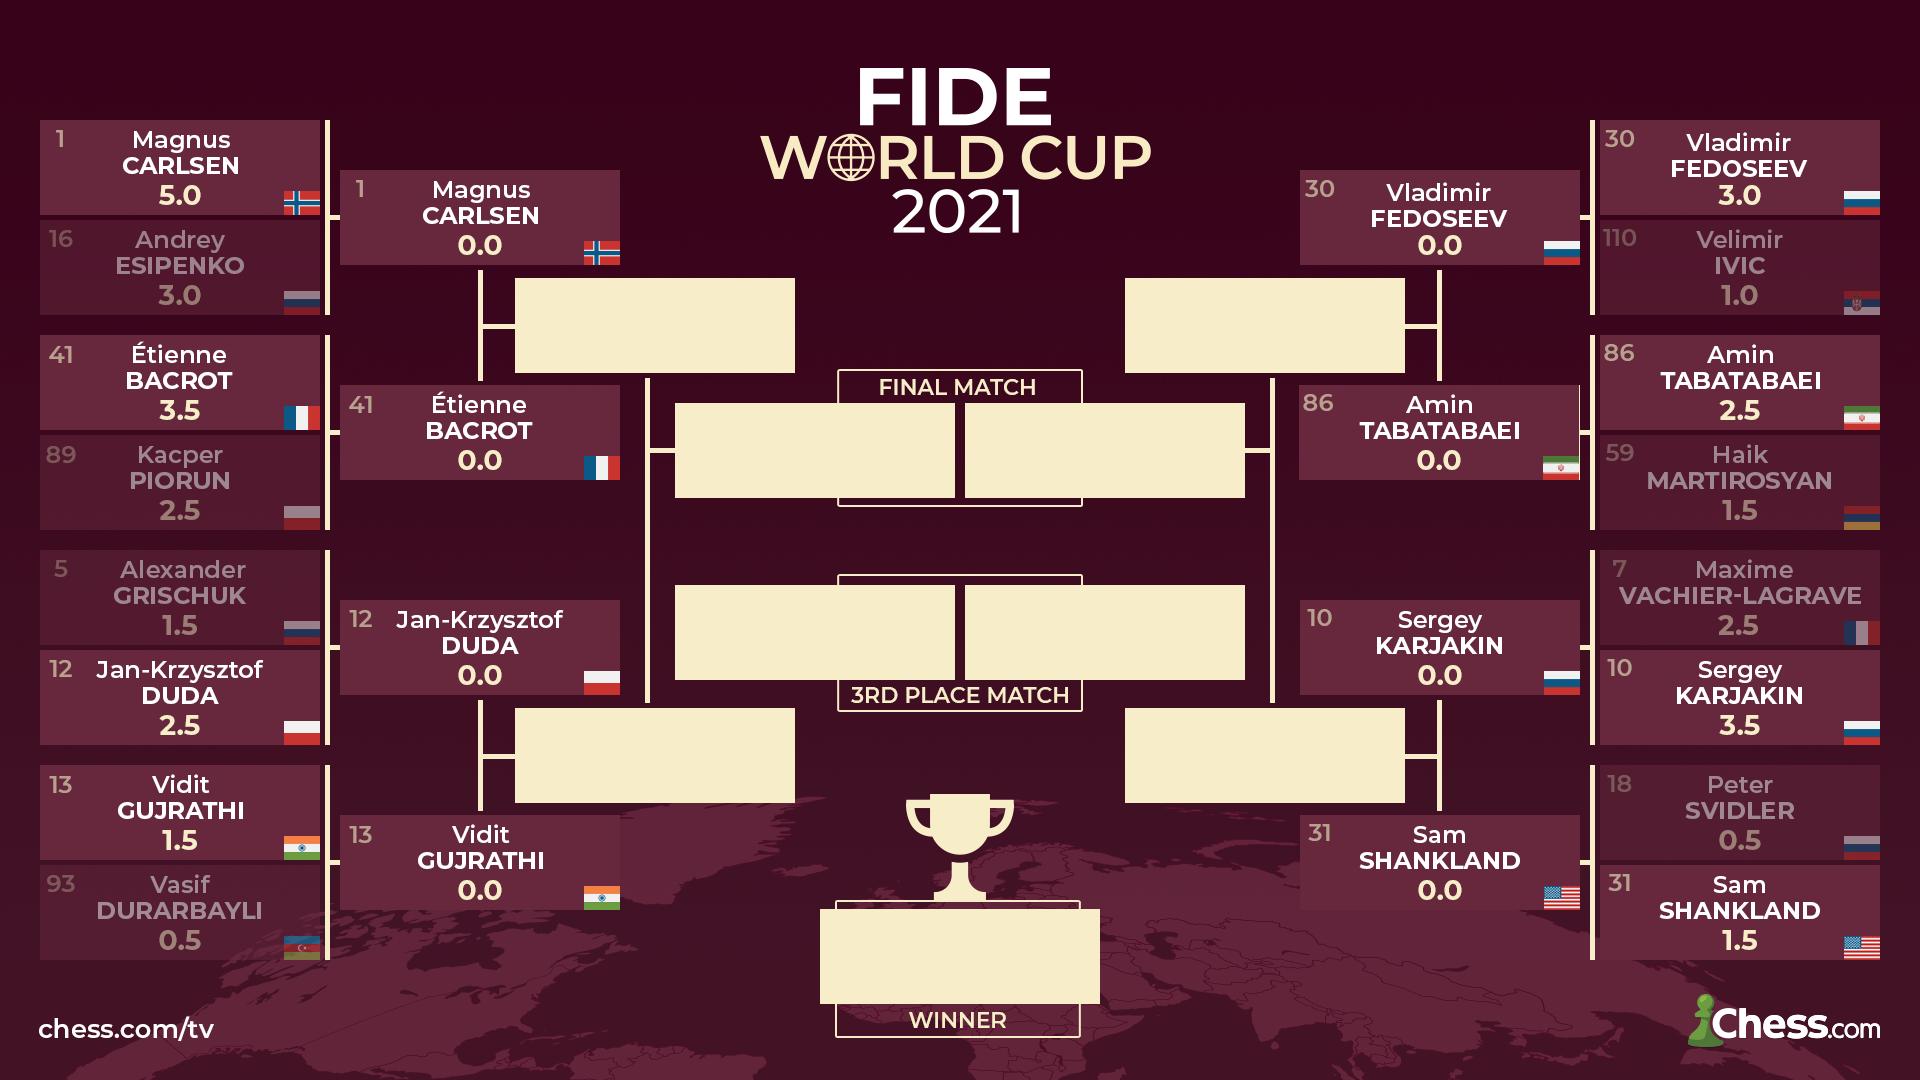 Resultados de la Copa del Mundo FIDE 2021